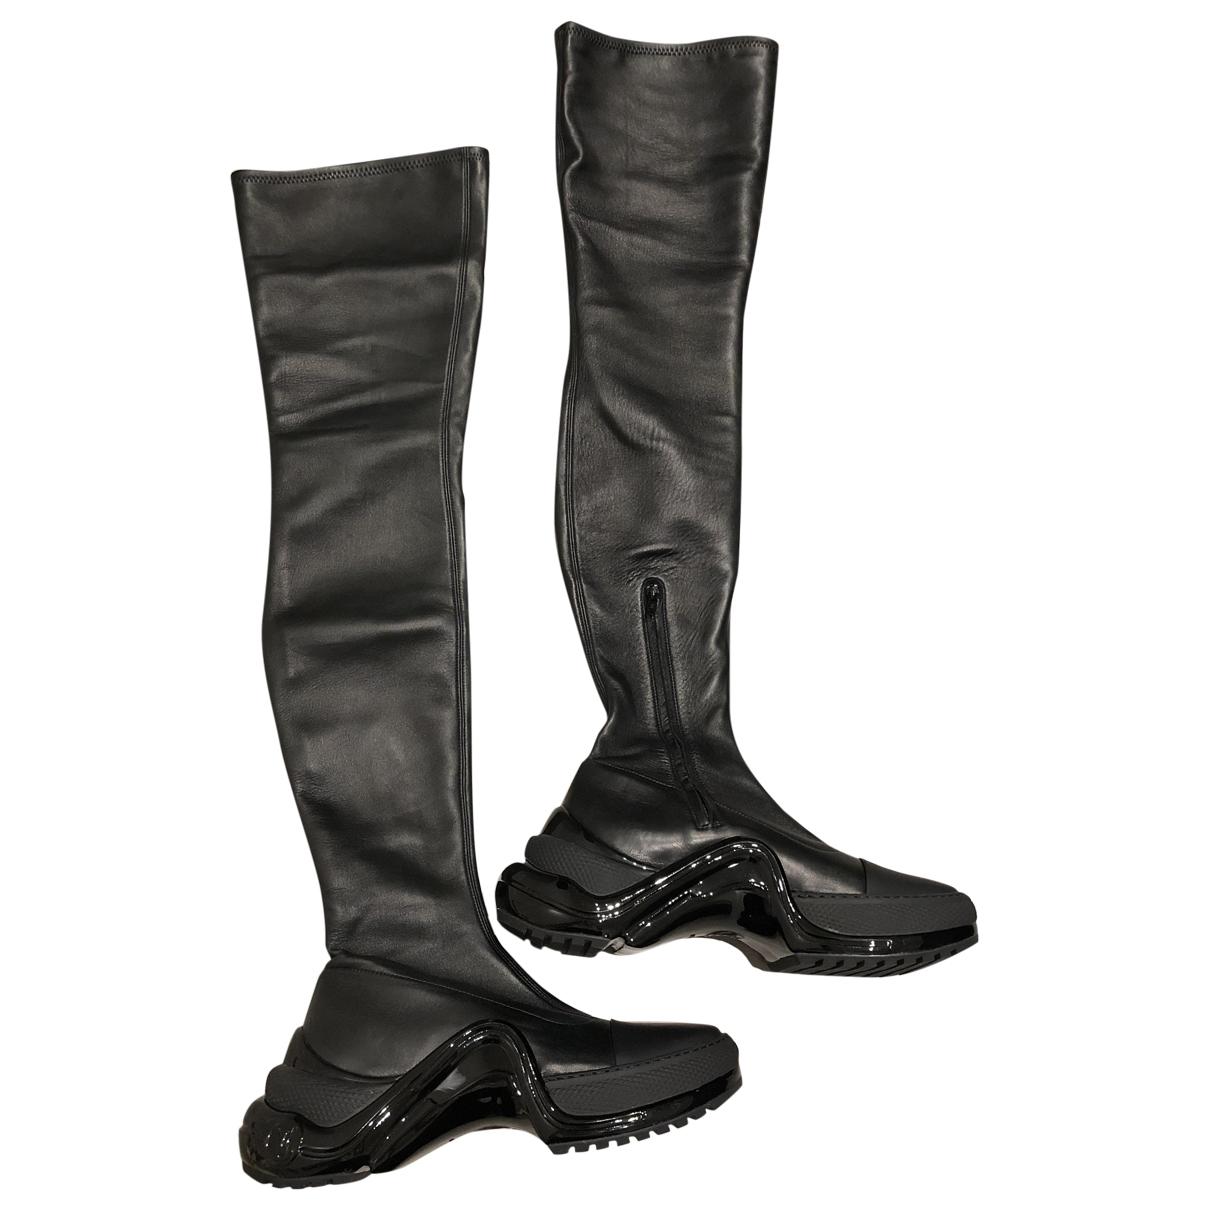 Louis Vuitton - Bottes Archlight pour femme en cuir - noir